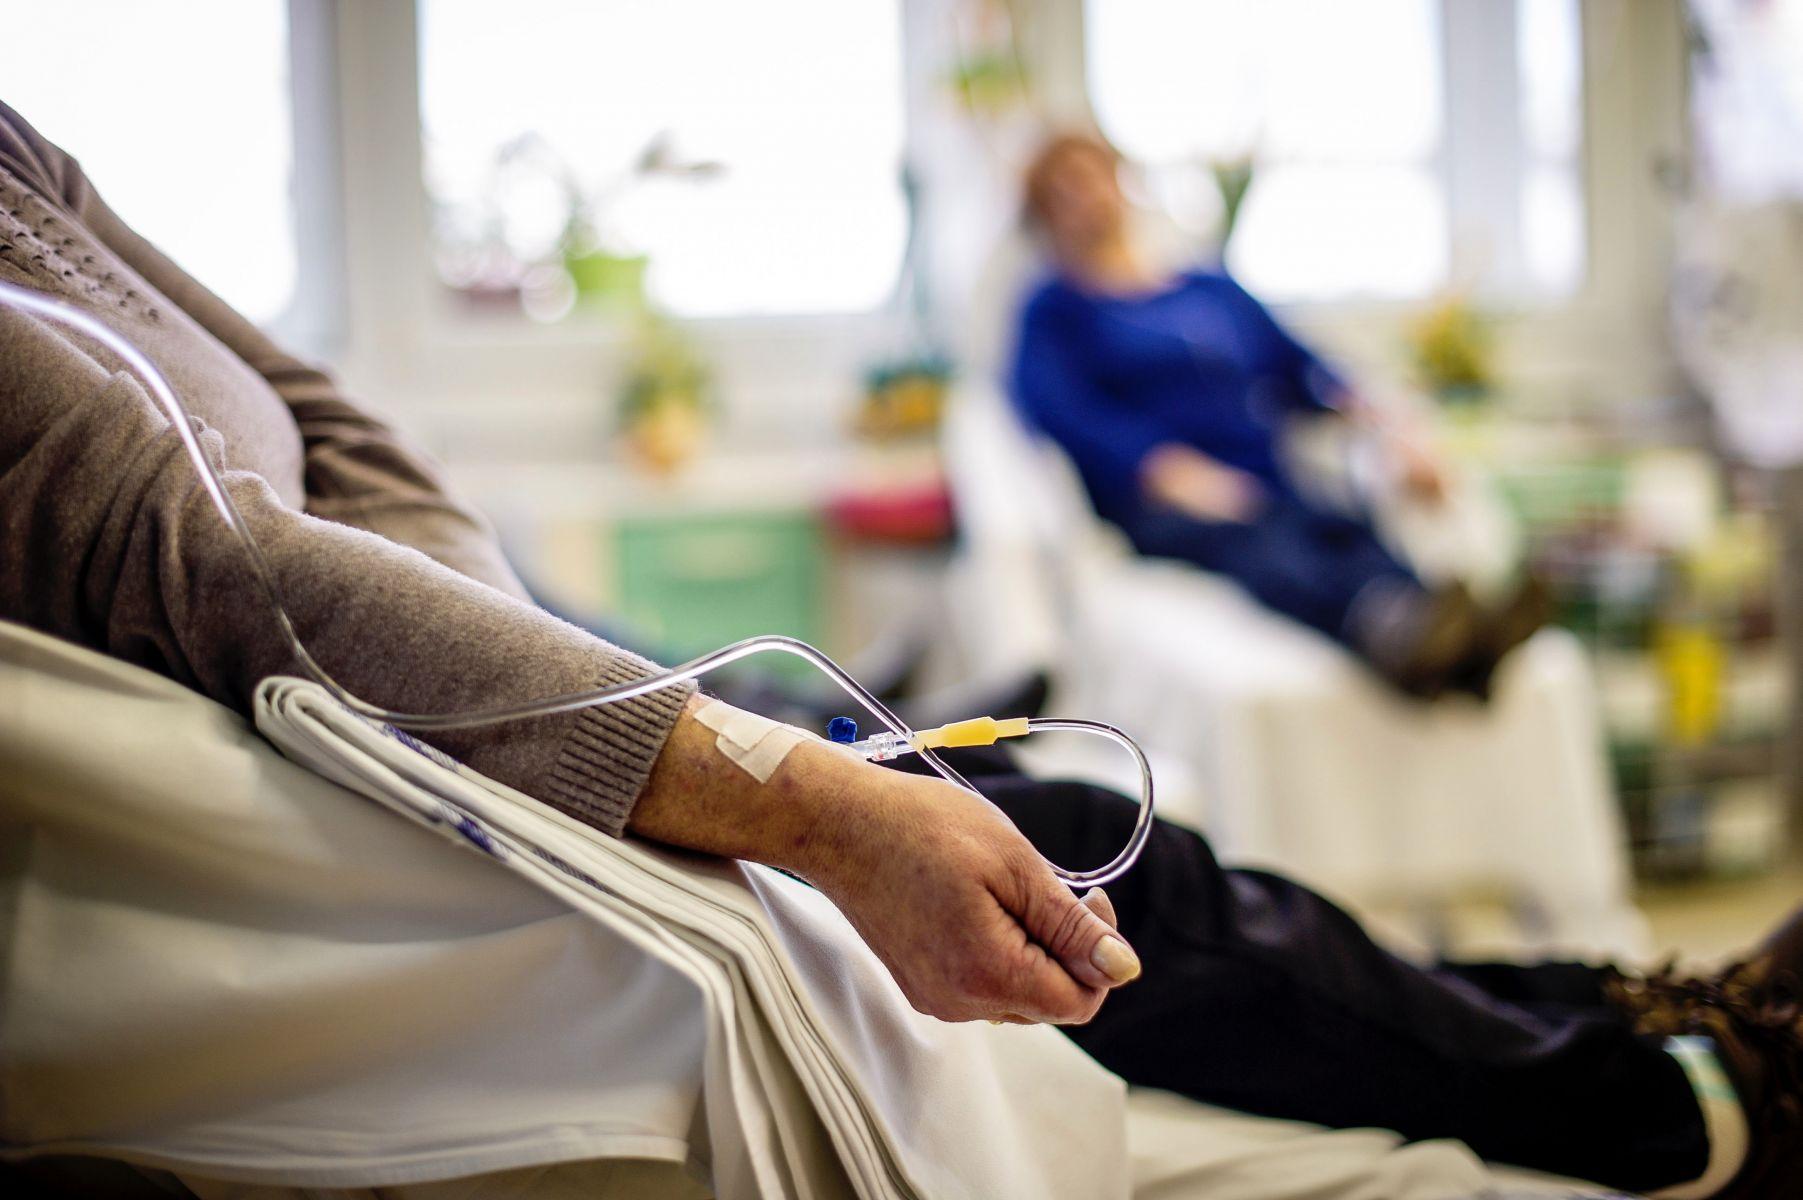 這5惡習助癌細胞成長!資深護理師親身經歷勸:吃飯時多攝取7食物,可吃垮癌症、遠離中年罹癌!